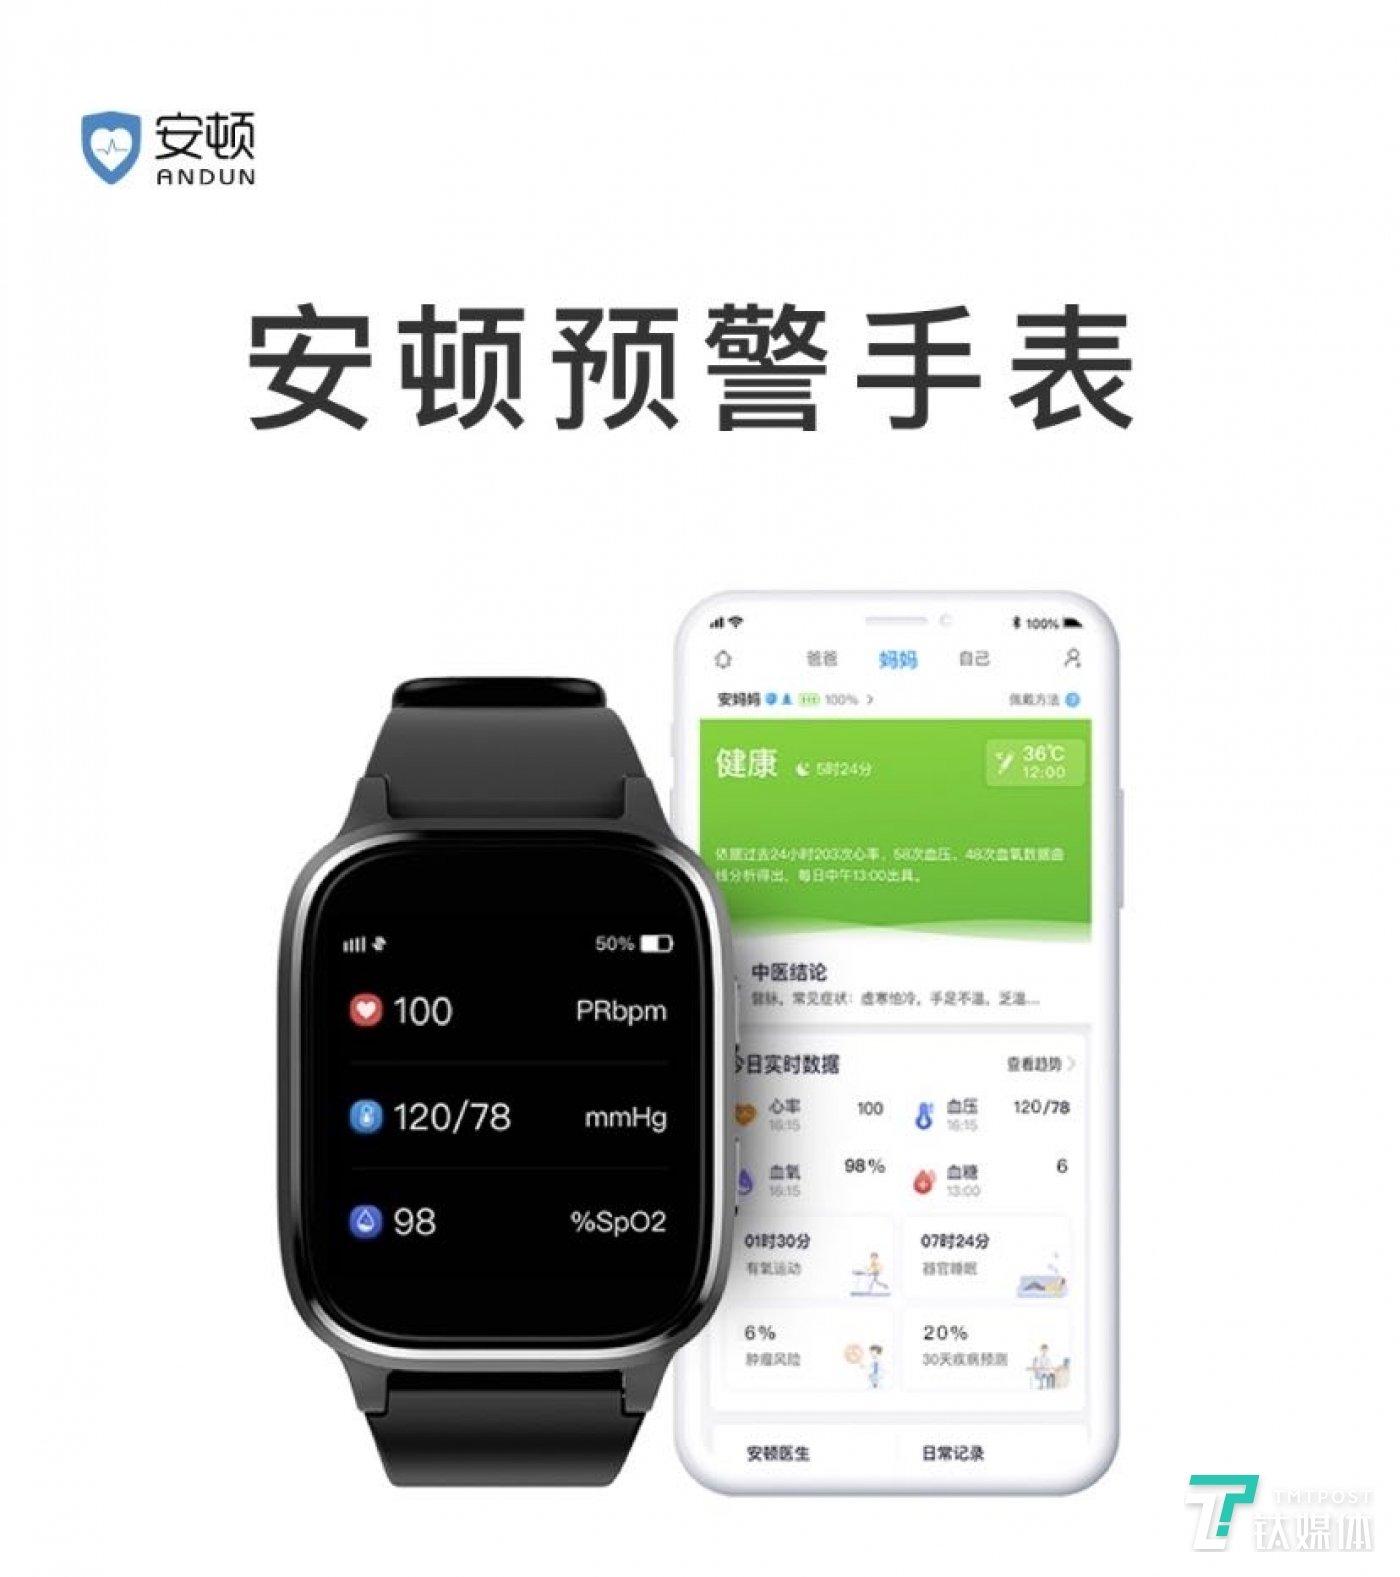 安顿预警手表产品与App界面